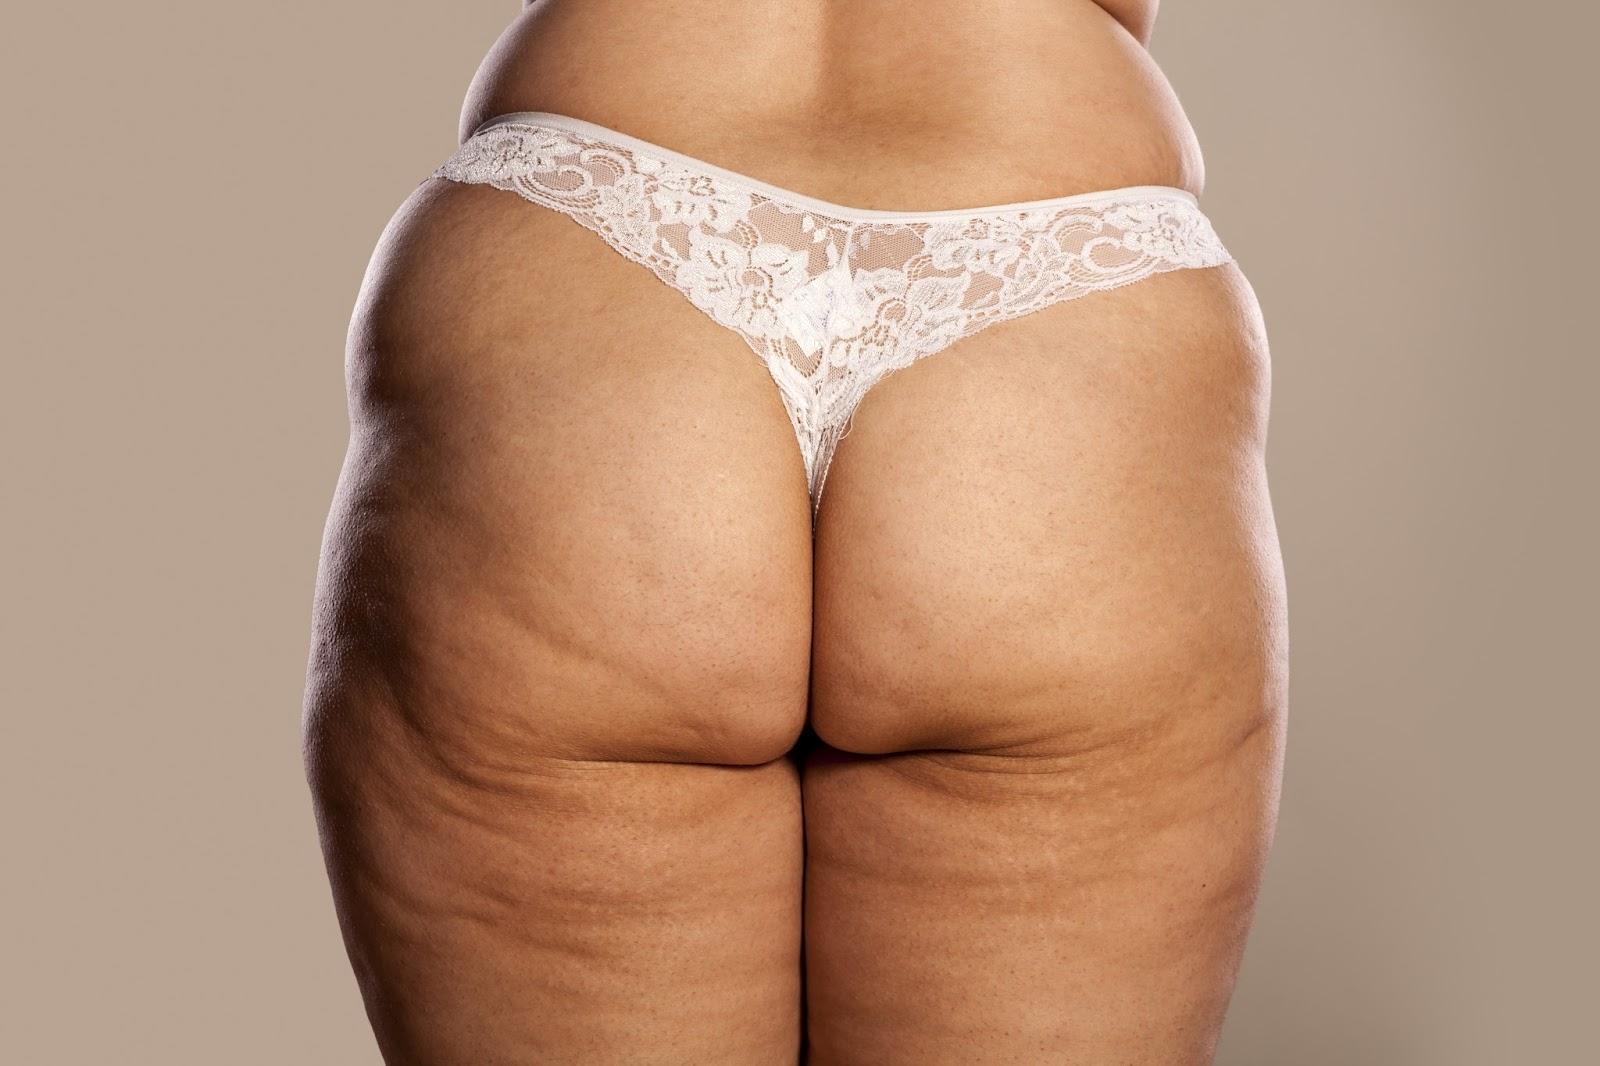 Фото больших голых поп зрелых, Большие жопы зрелых женщин (38 фото) 2 фотография